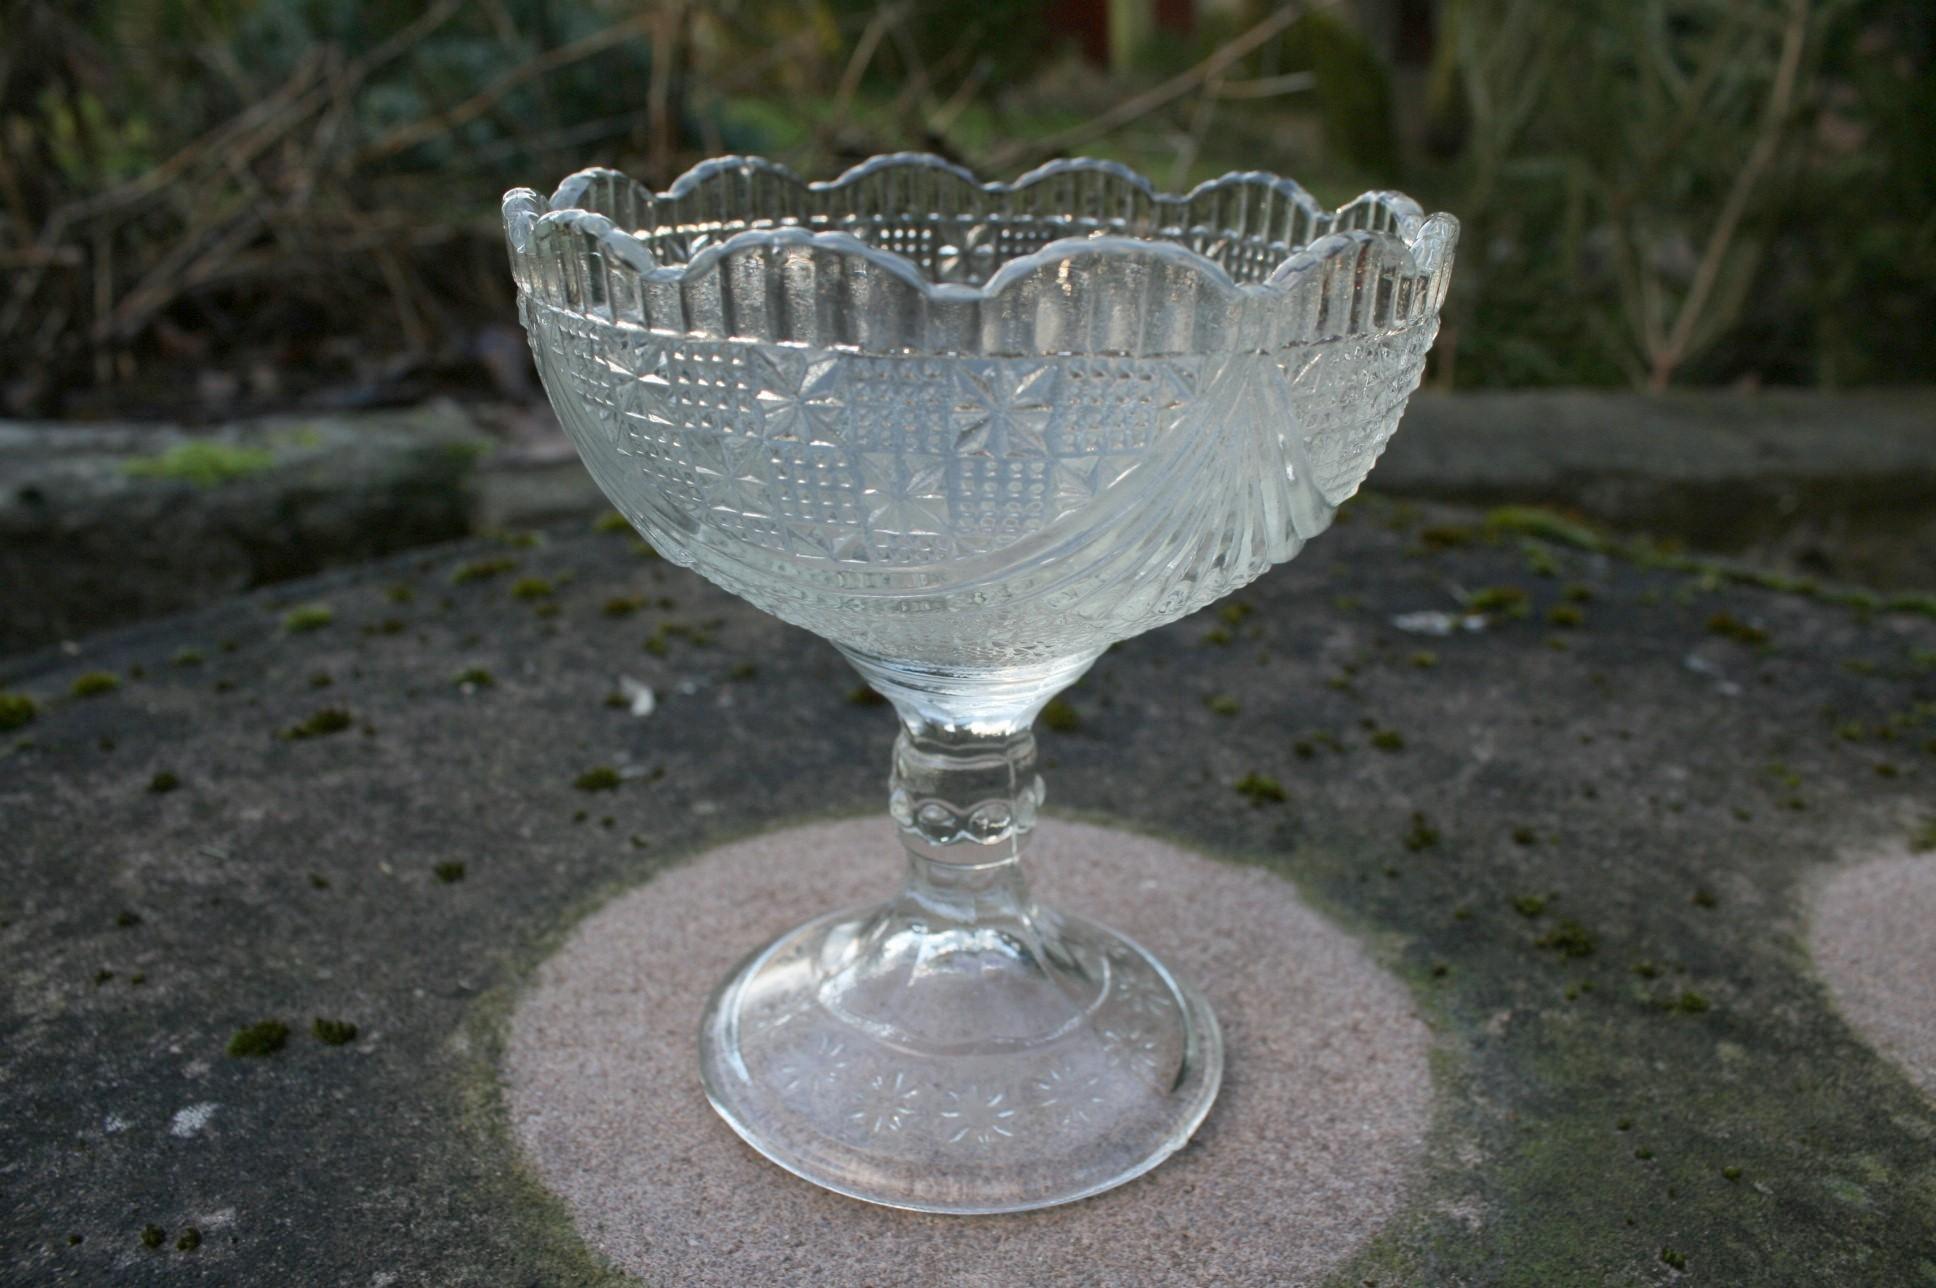 Antik sukkerskål presset glas på fod. antikke gamle glas